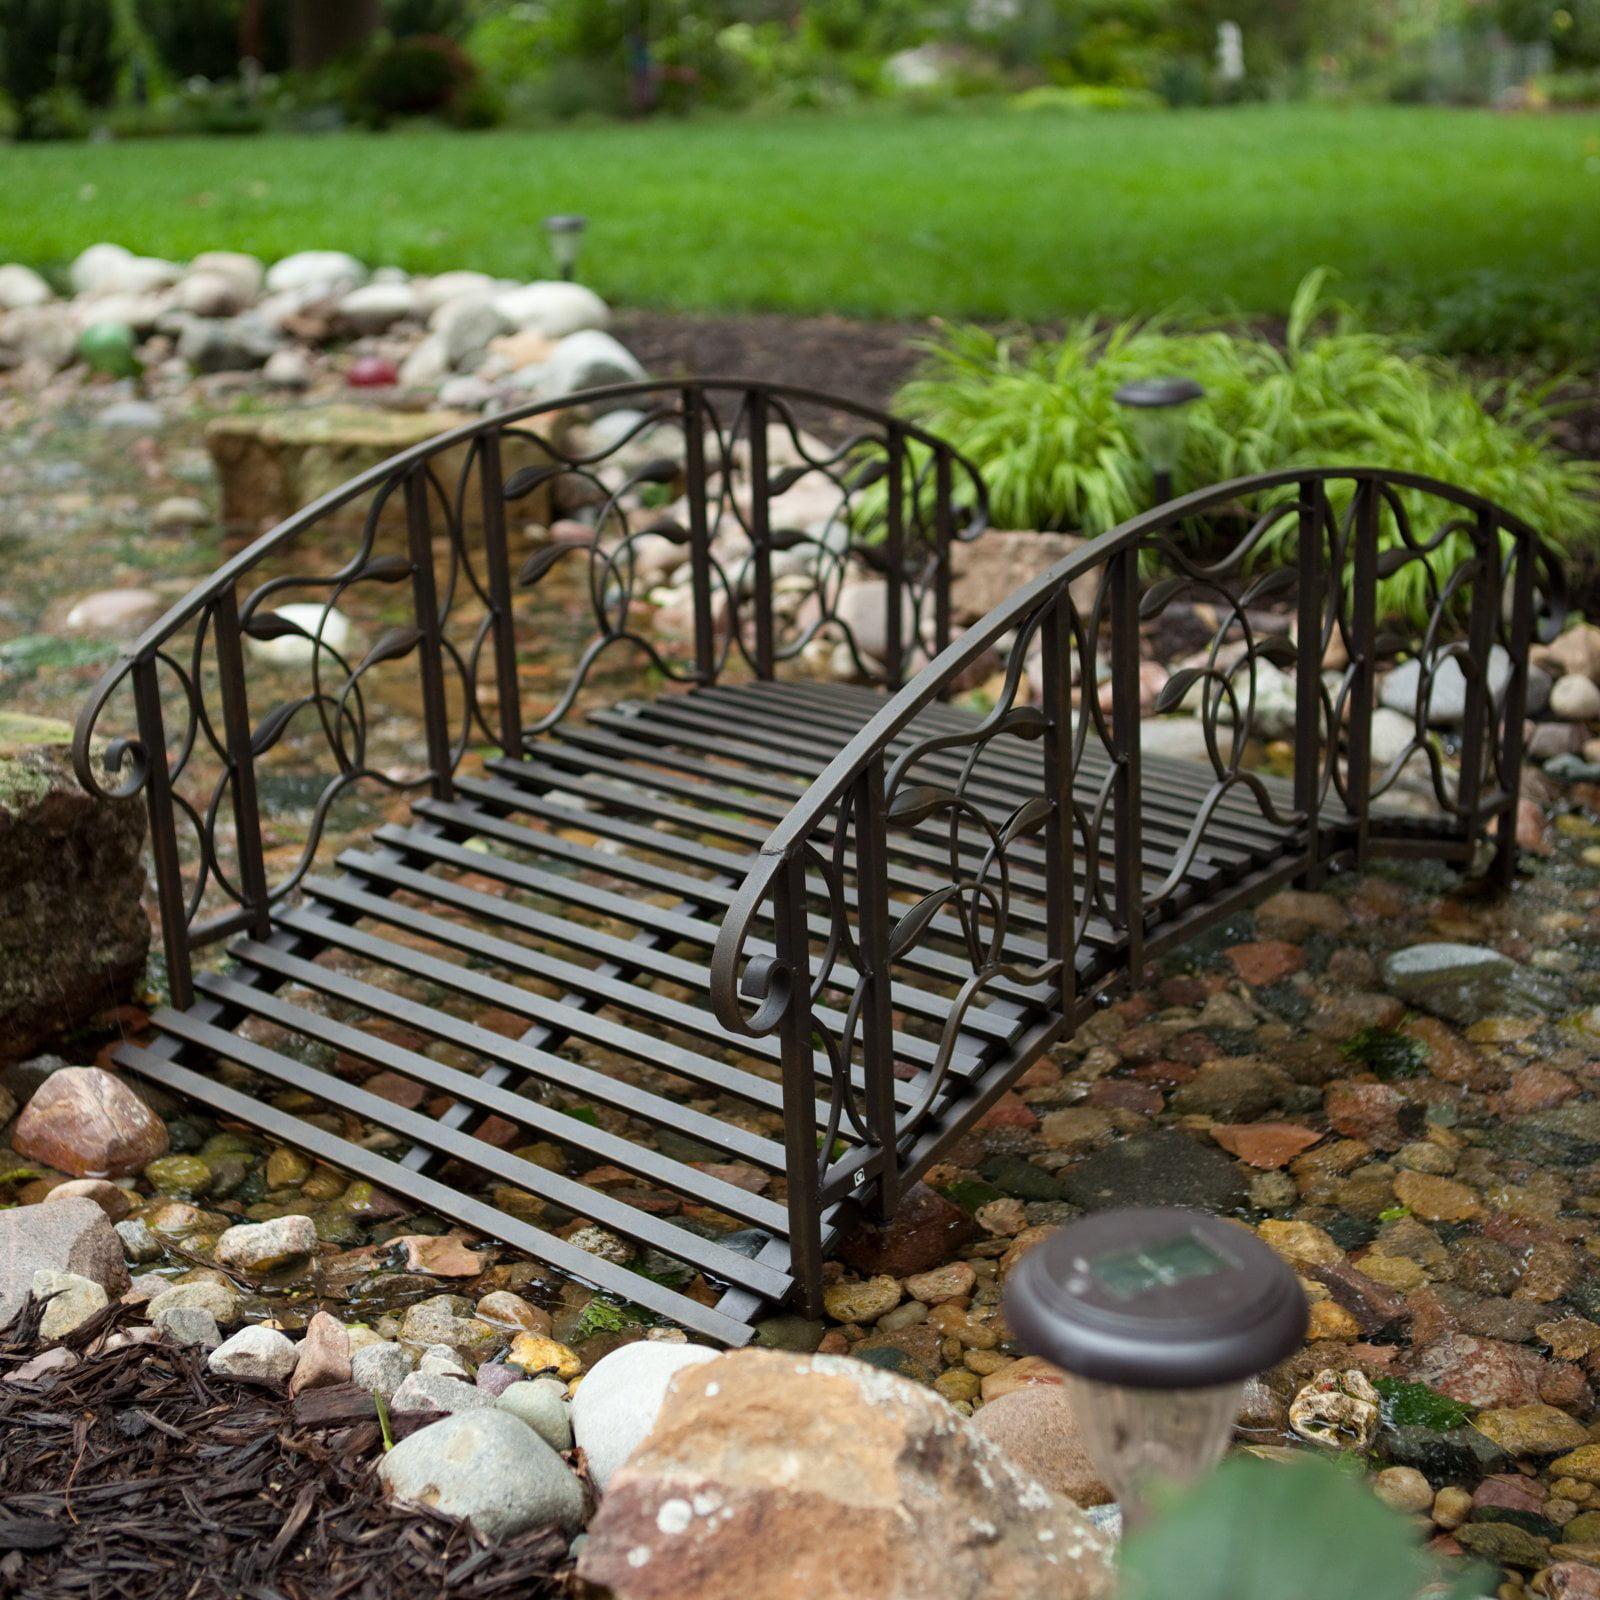 Coral Coast Willow Creek 4-ft. Metal Garden Bridge